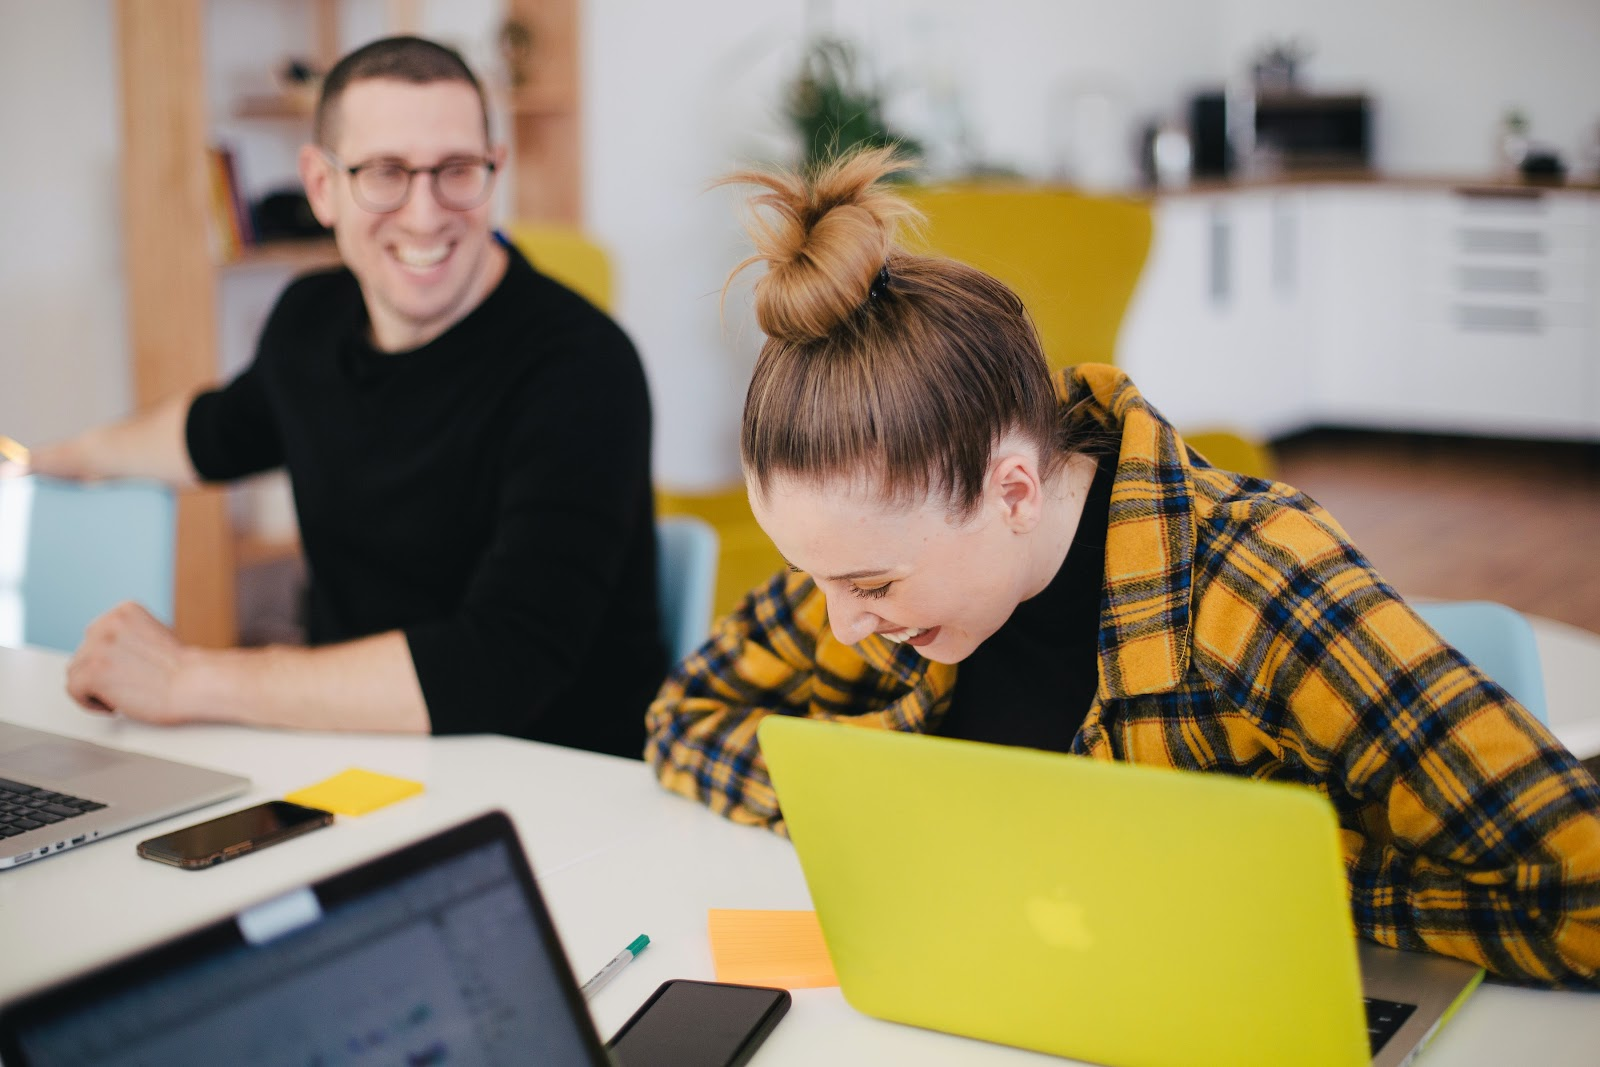 Uma mulher rindo no ambiente de trabalho.